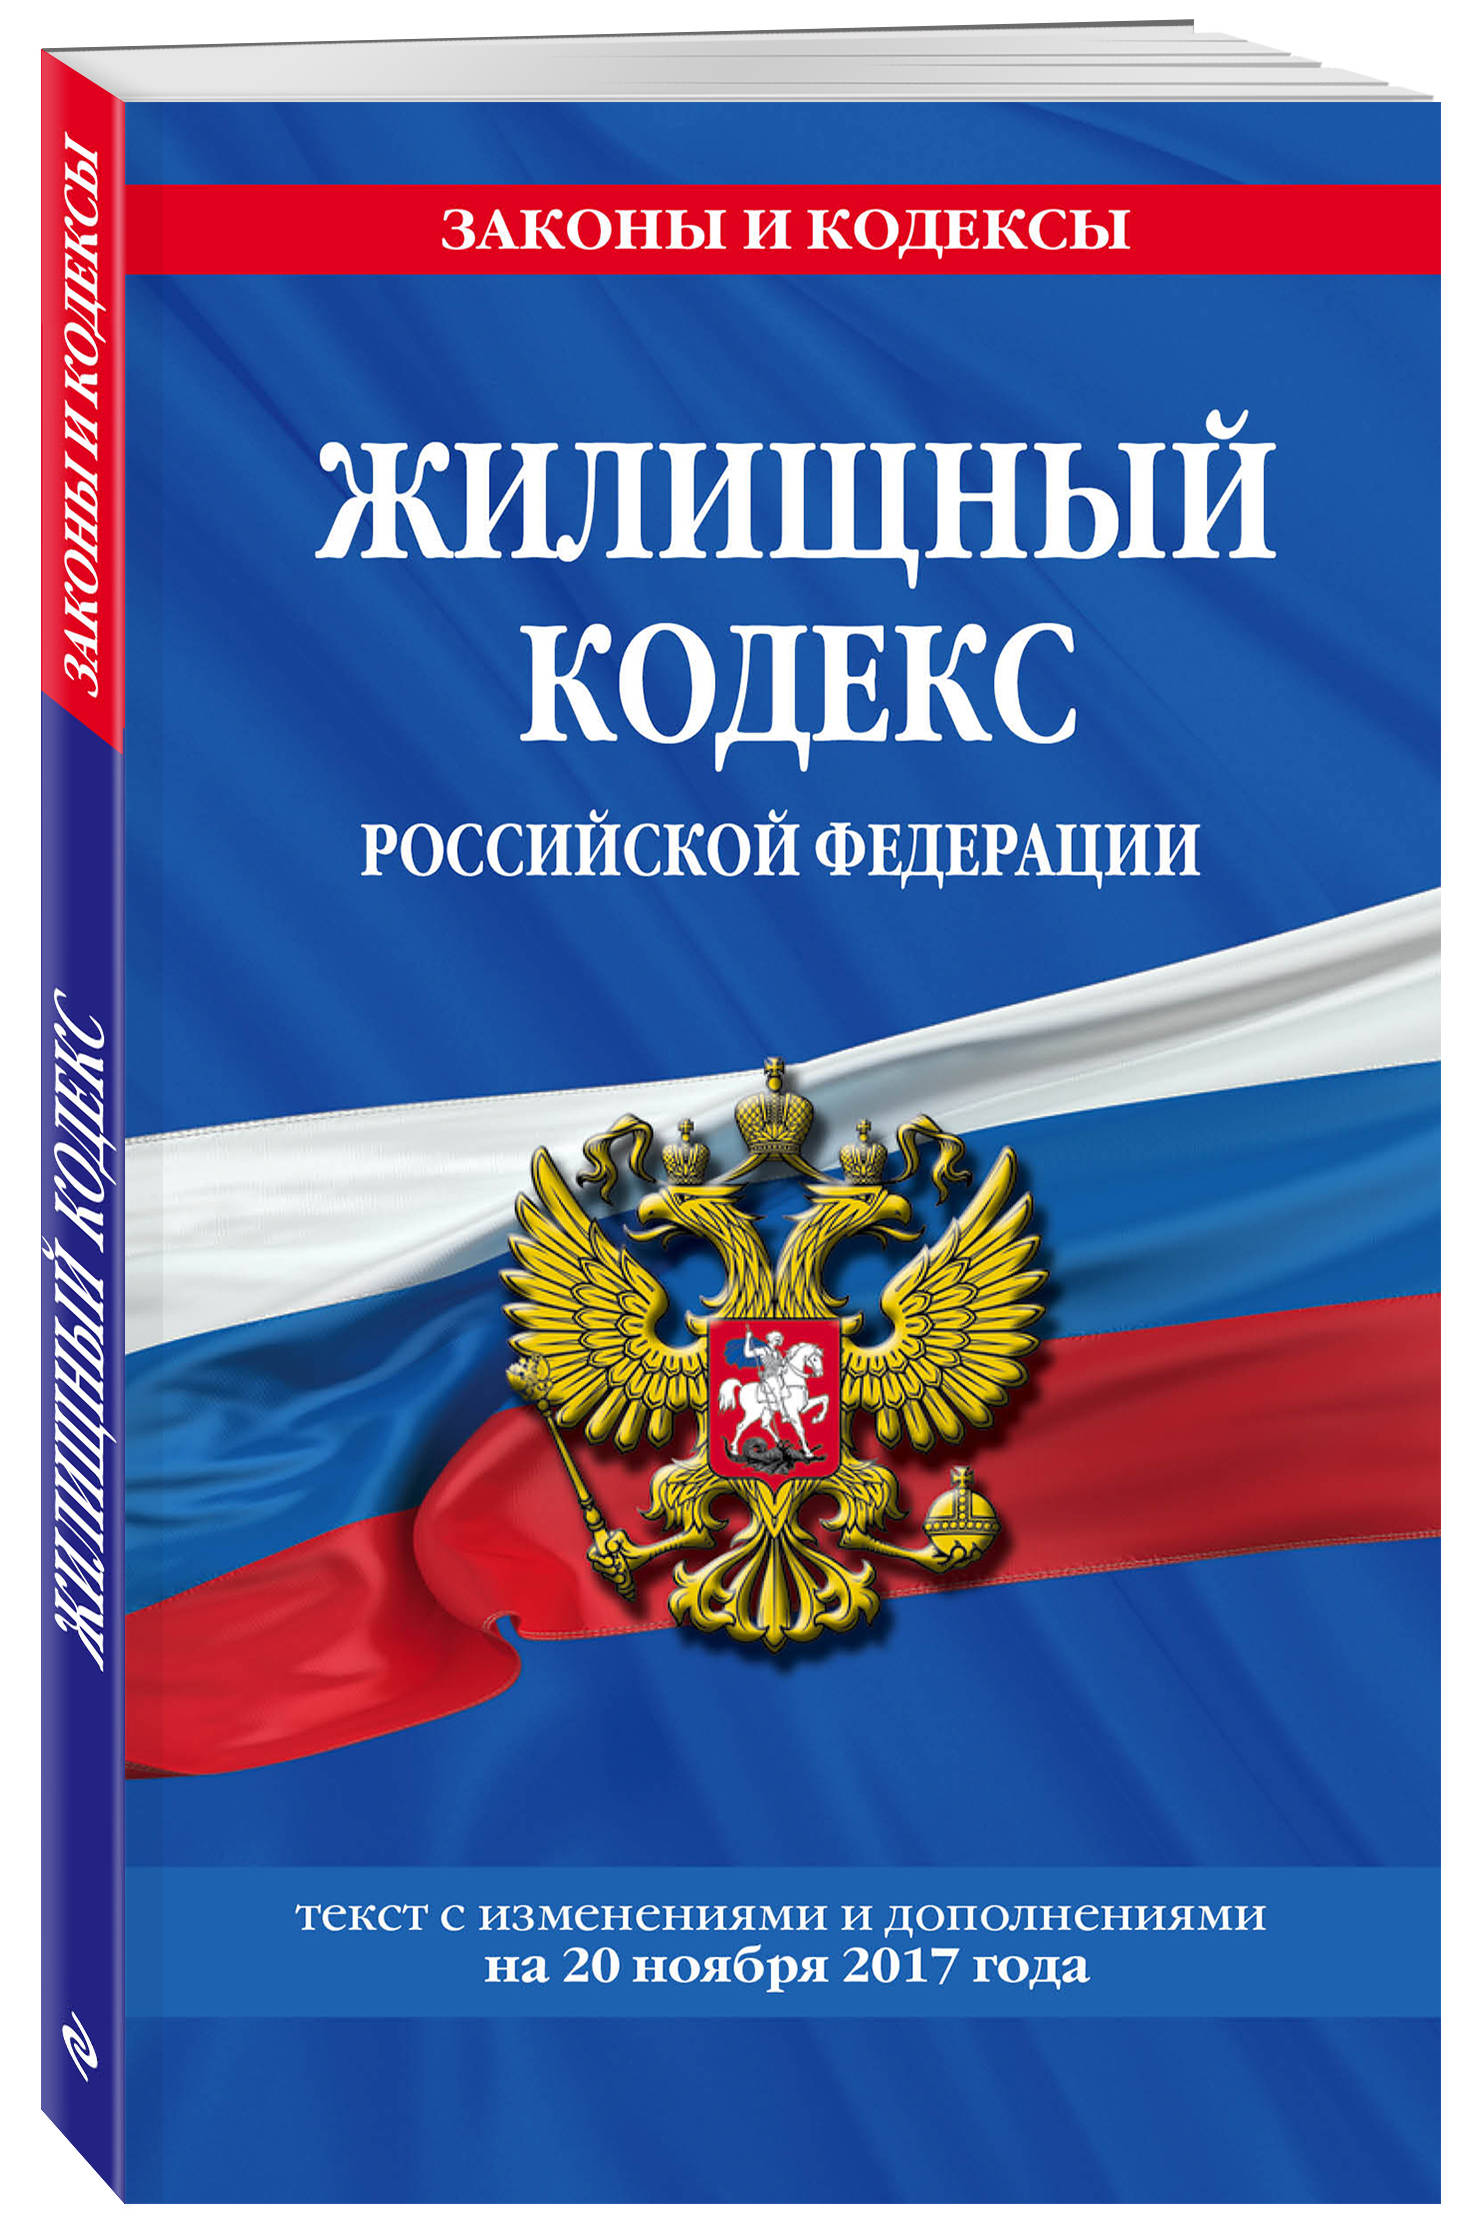 Жилищный кодекс Российской Федерации : текст с изм. и доп. на 20 ноября 2017 г.